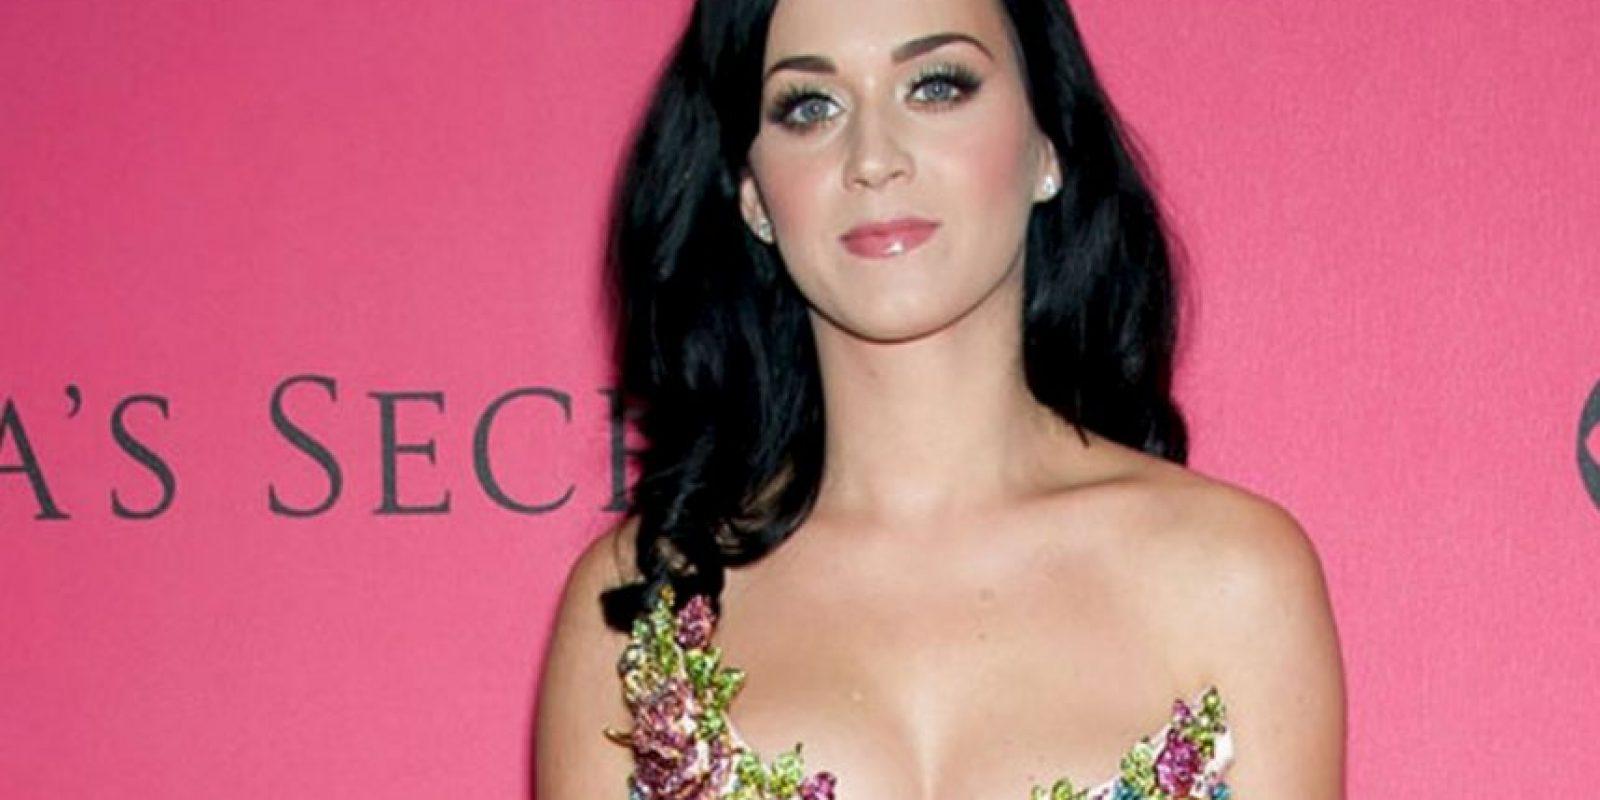 Katy Perry es una de las más eclécticas cantantes pop y un símbolo de belleza para muchos. Foto:vía Getty Images